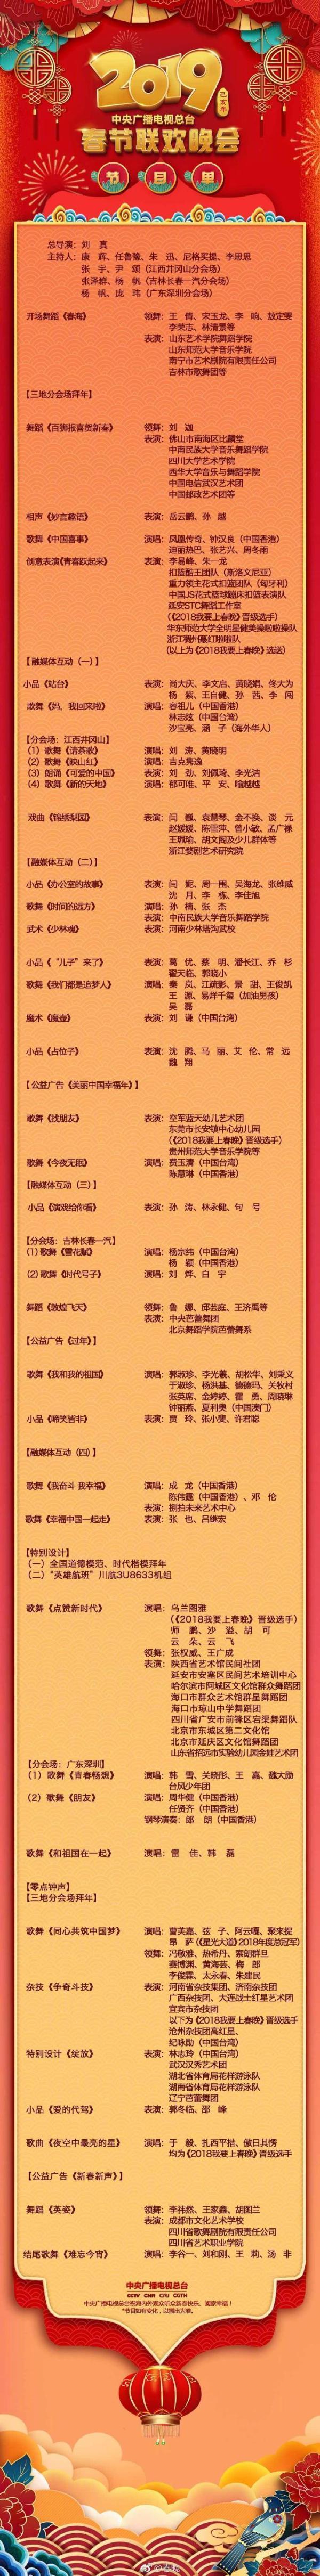 """2019央视春晚节目单有哪些节目?猪年堪称历届""""最强""""黑科技春晚"""